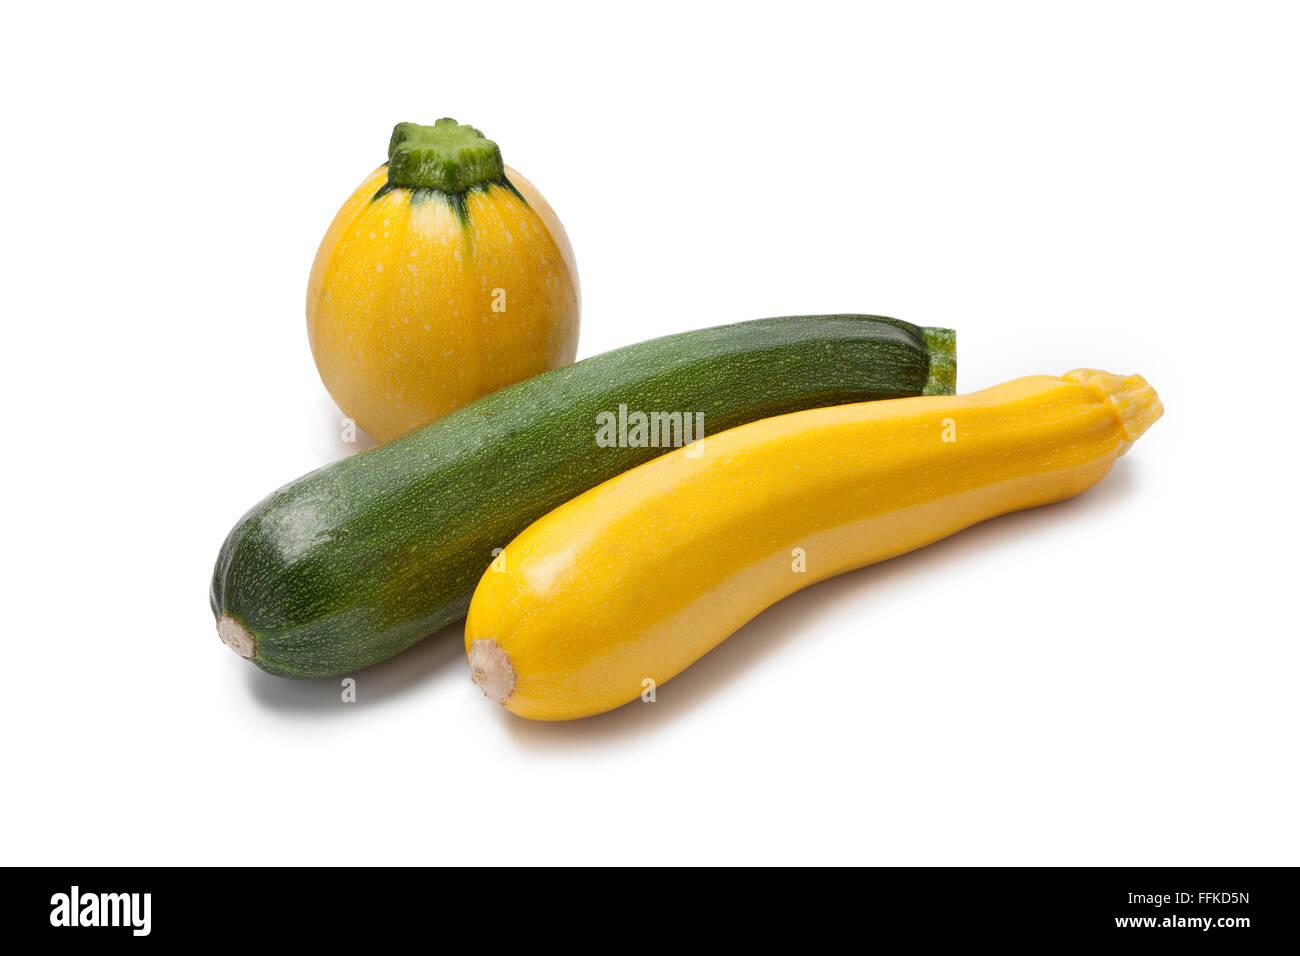 Giallo, Verde e zucchine rotonde su sfondo bianco Immagini Stock